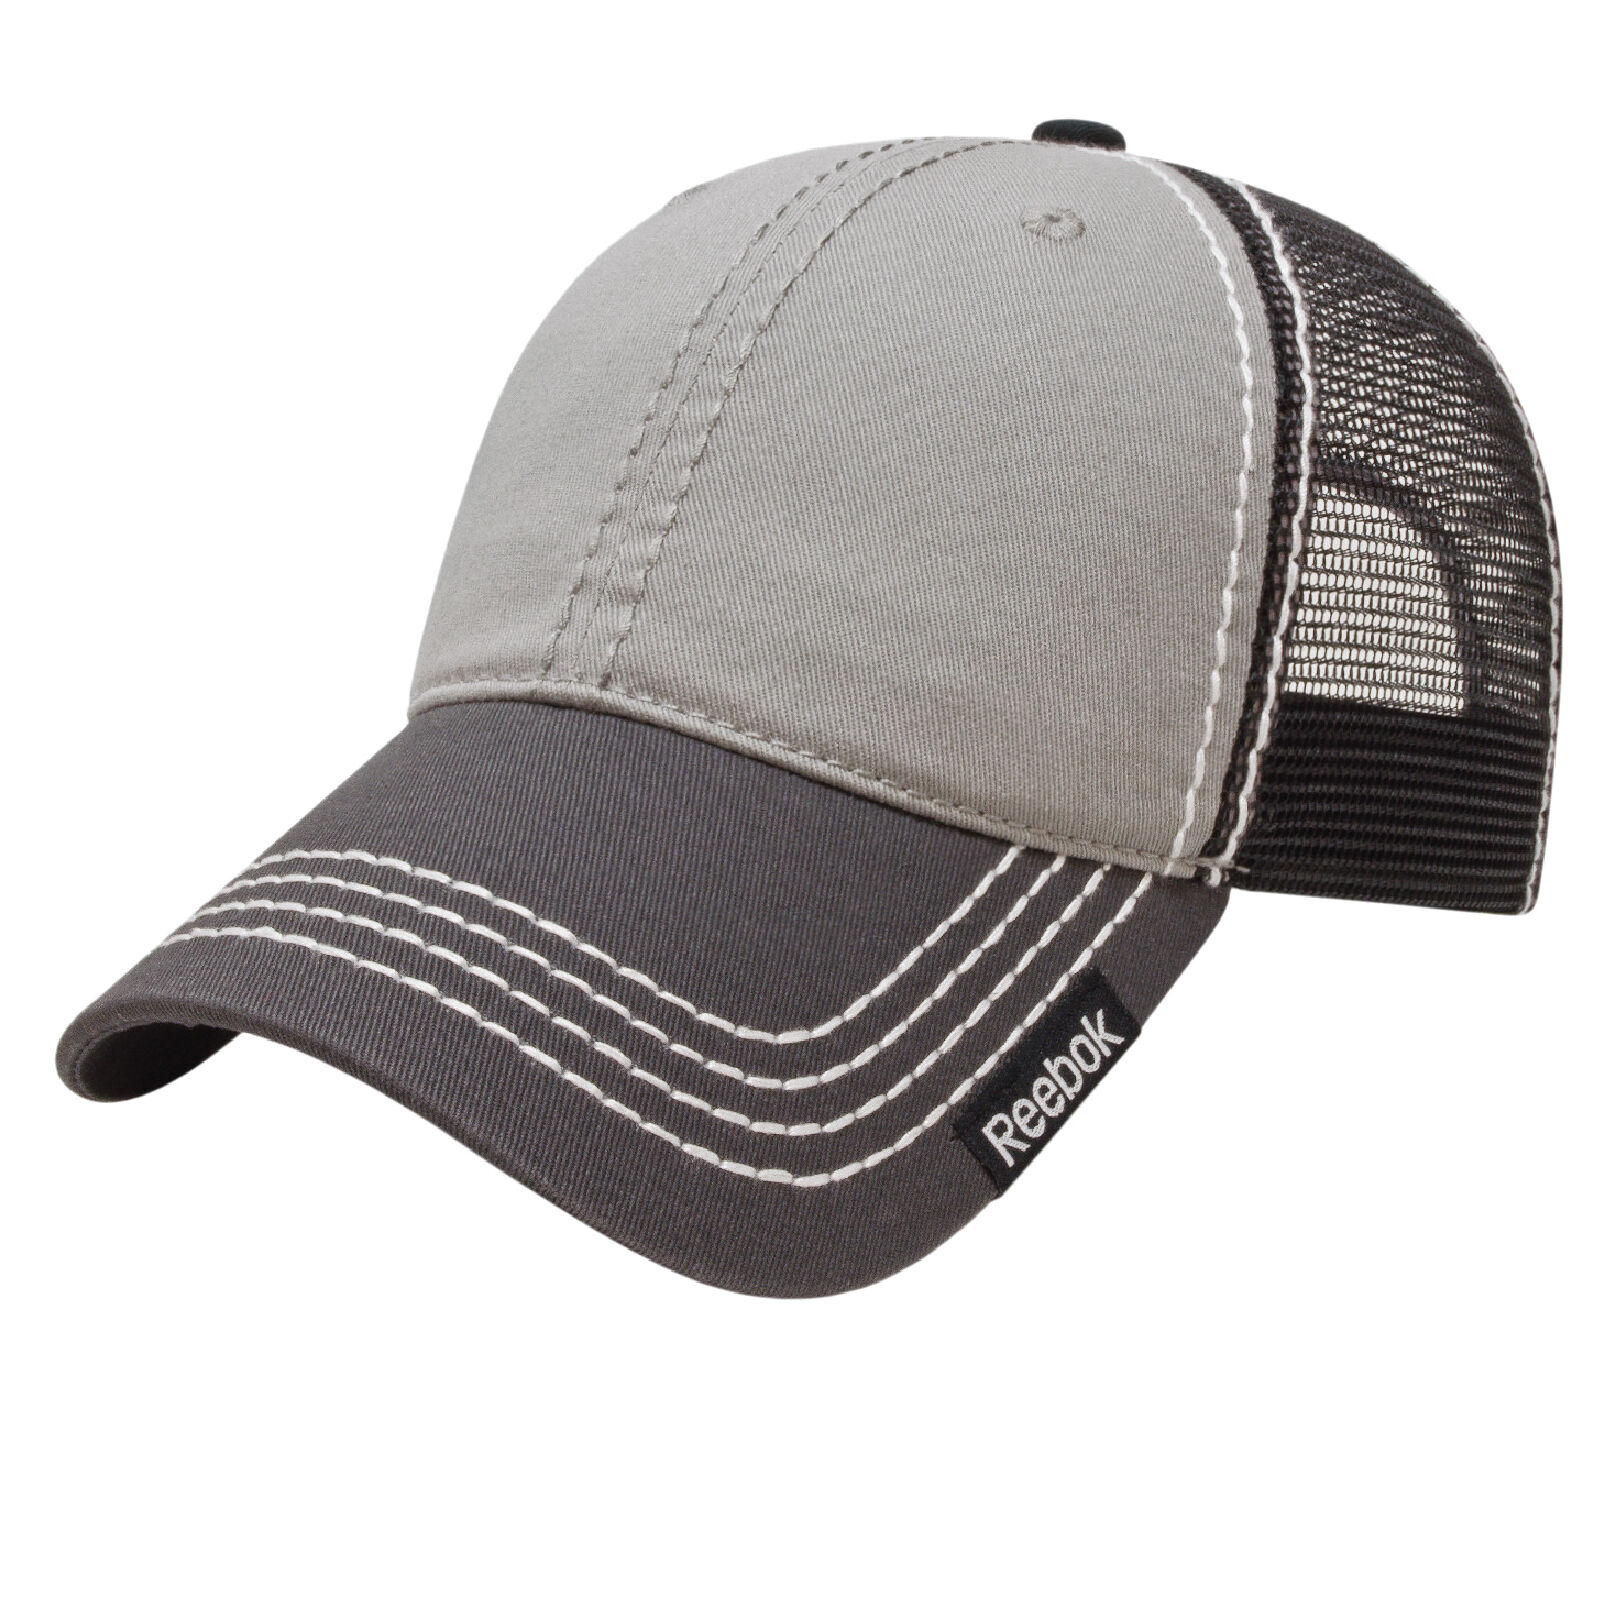 0cb524048d6 REEBOK - UNISEX Golf TRUCKER CAP